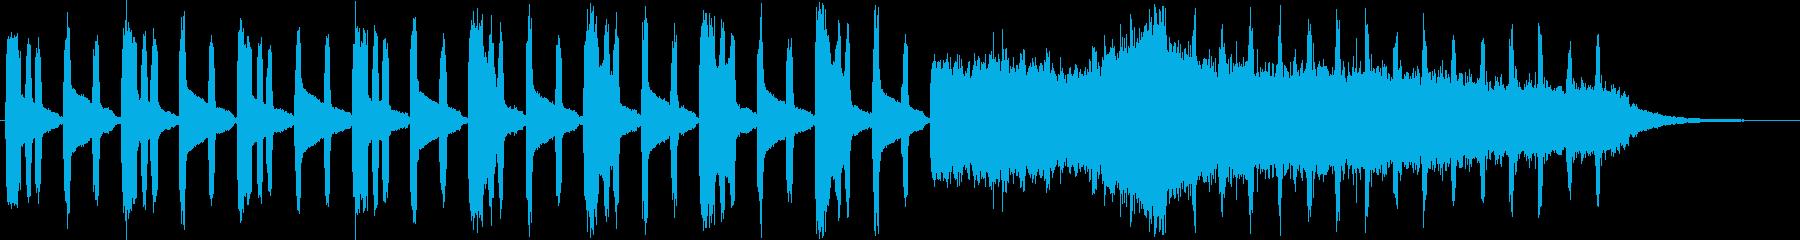 ファンタジーなオルガン・シンセサウンンドの再生済みの波形